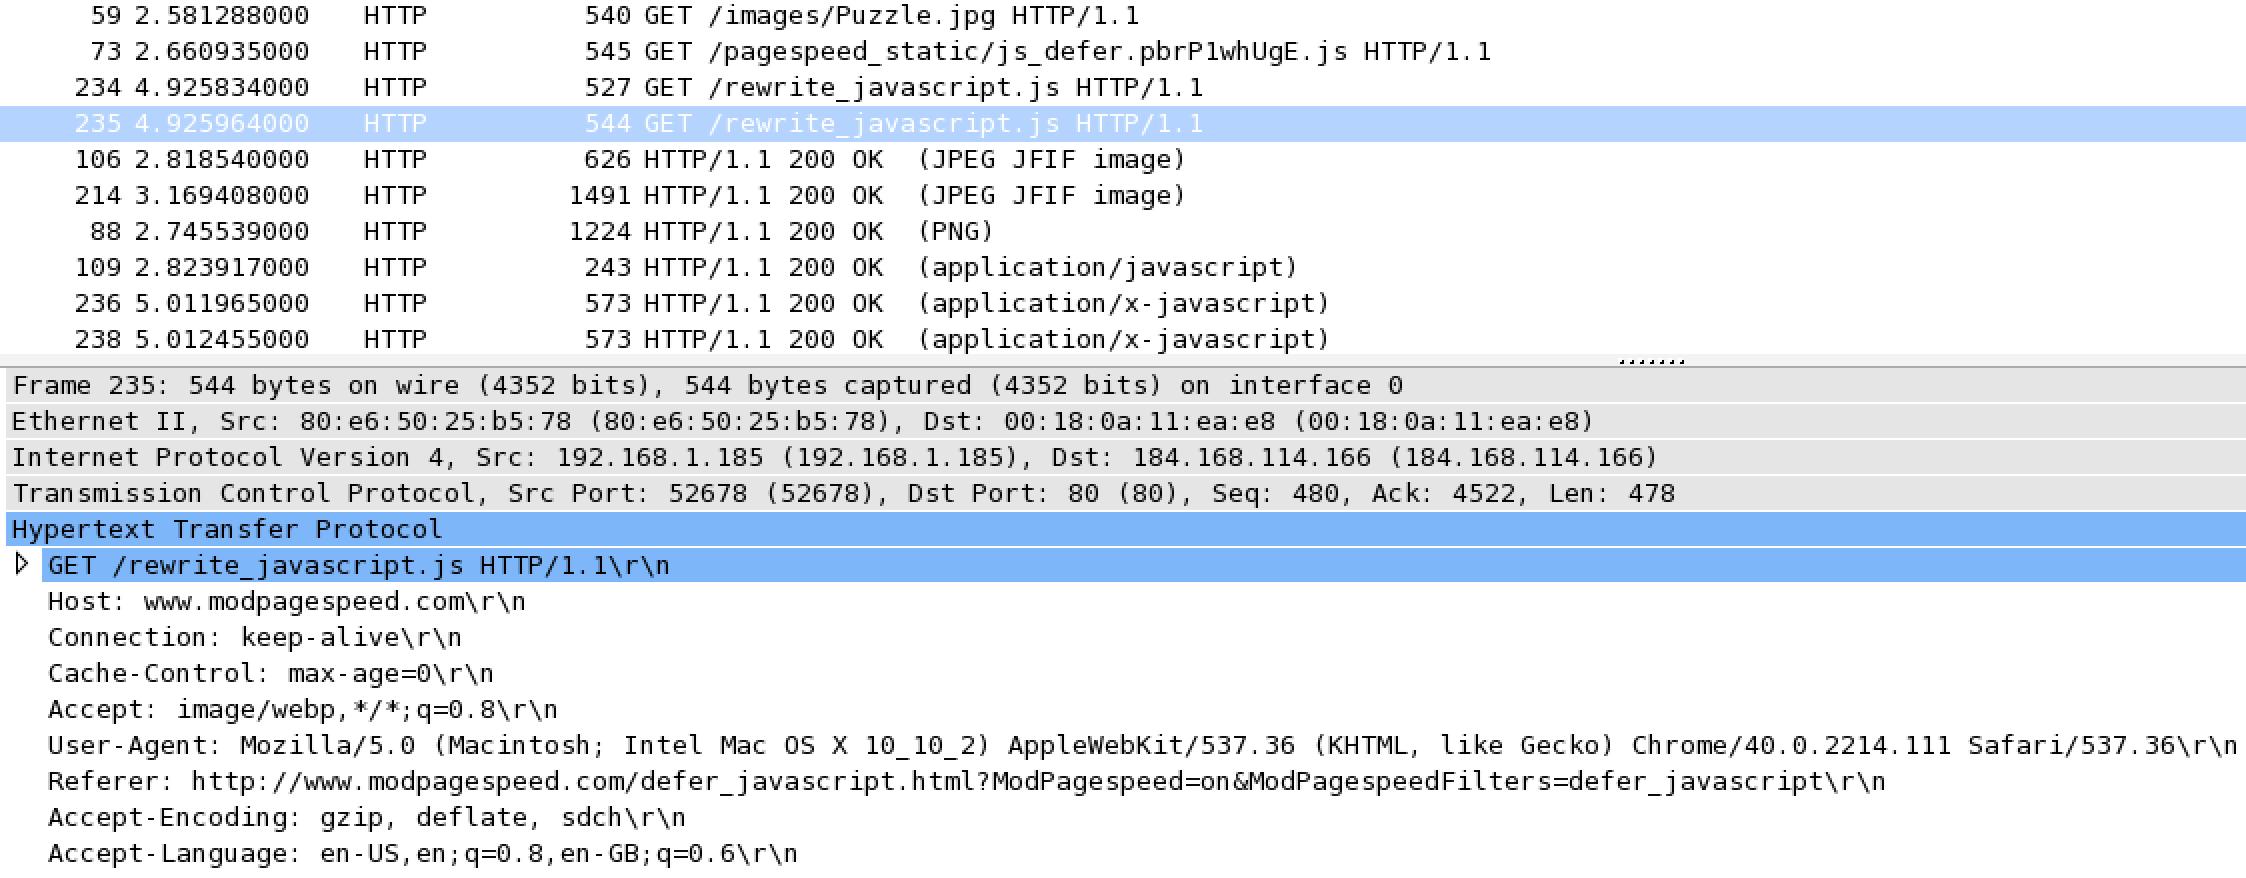 PageSpeed Wireshark